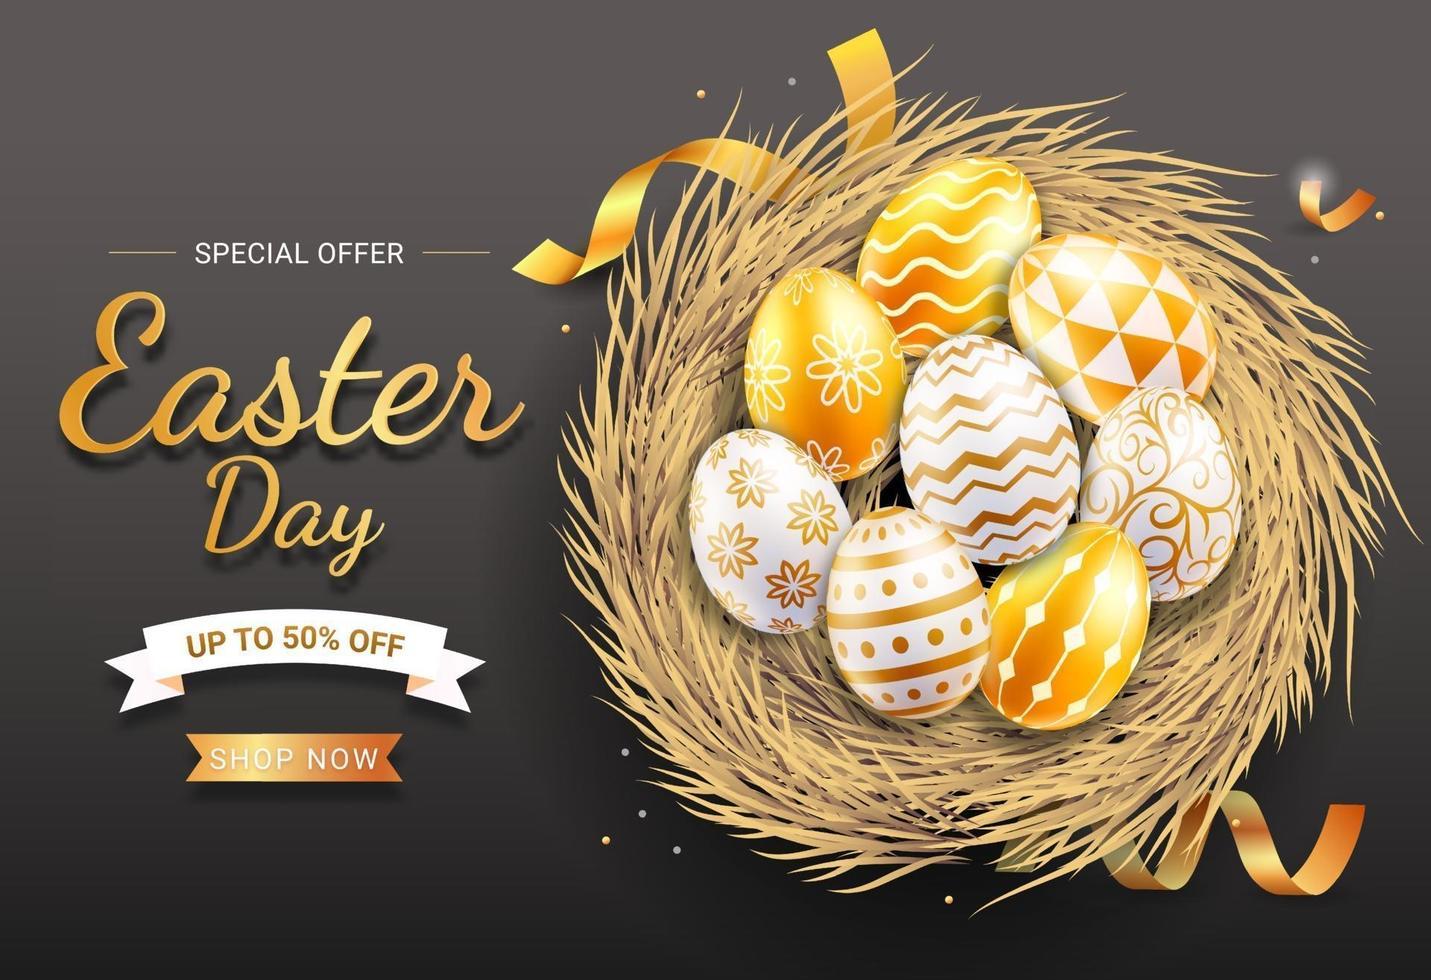 feliz dia de Páscoa ouro e ovos de Páscoa brancos com diferentes padrões e texturas no ninho de ovo. ilustrações vetoriais. vetor